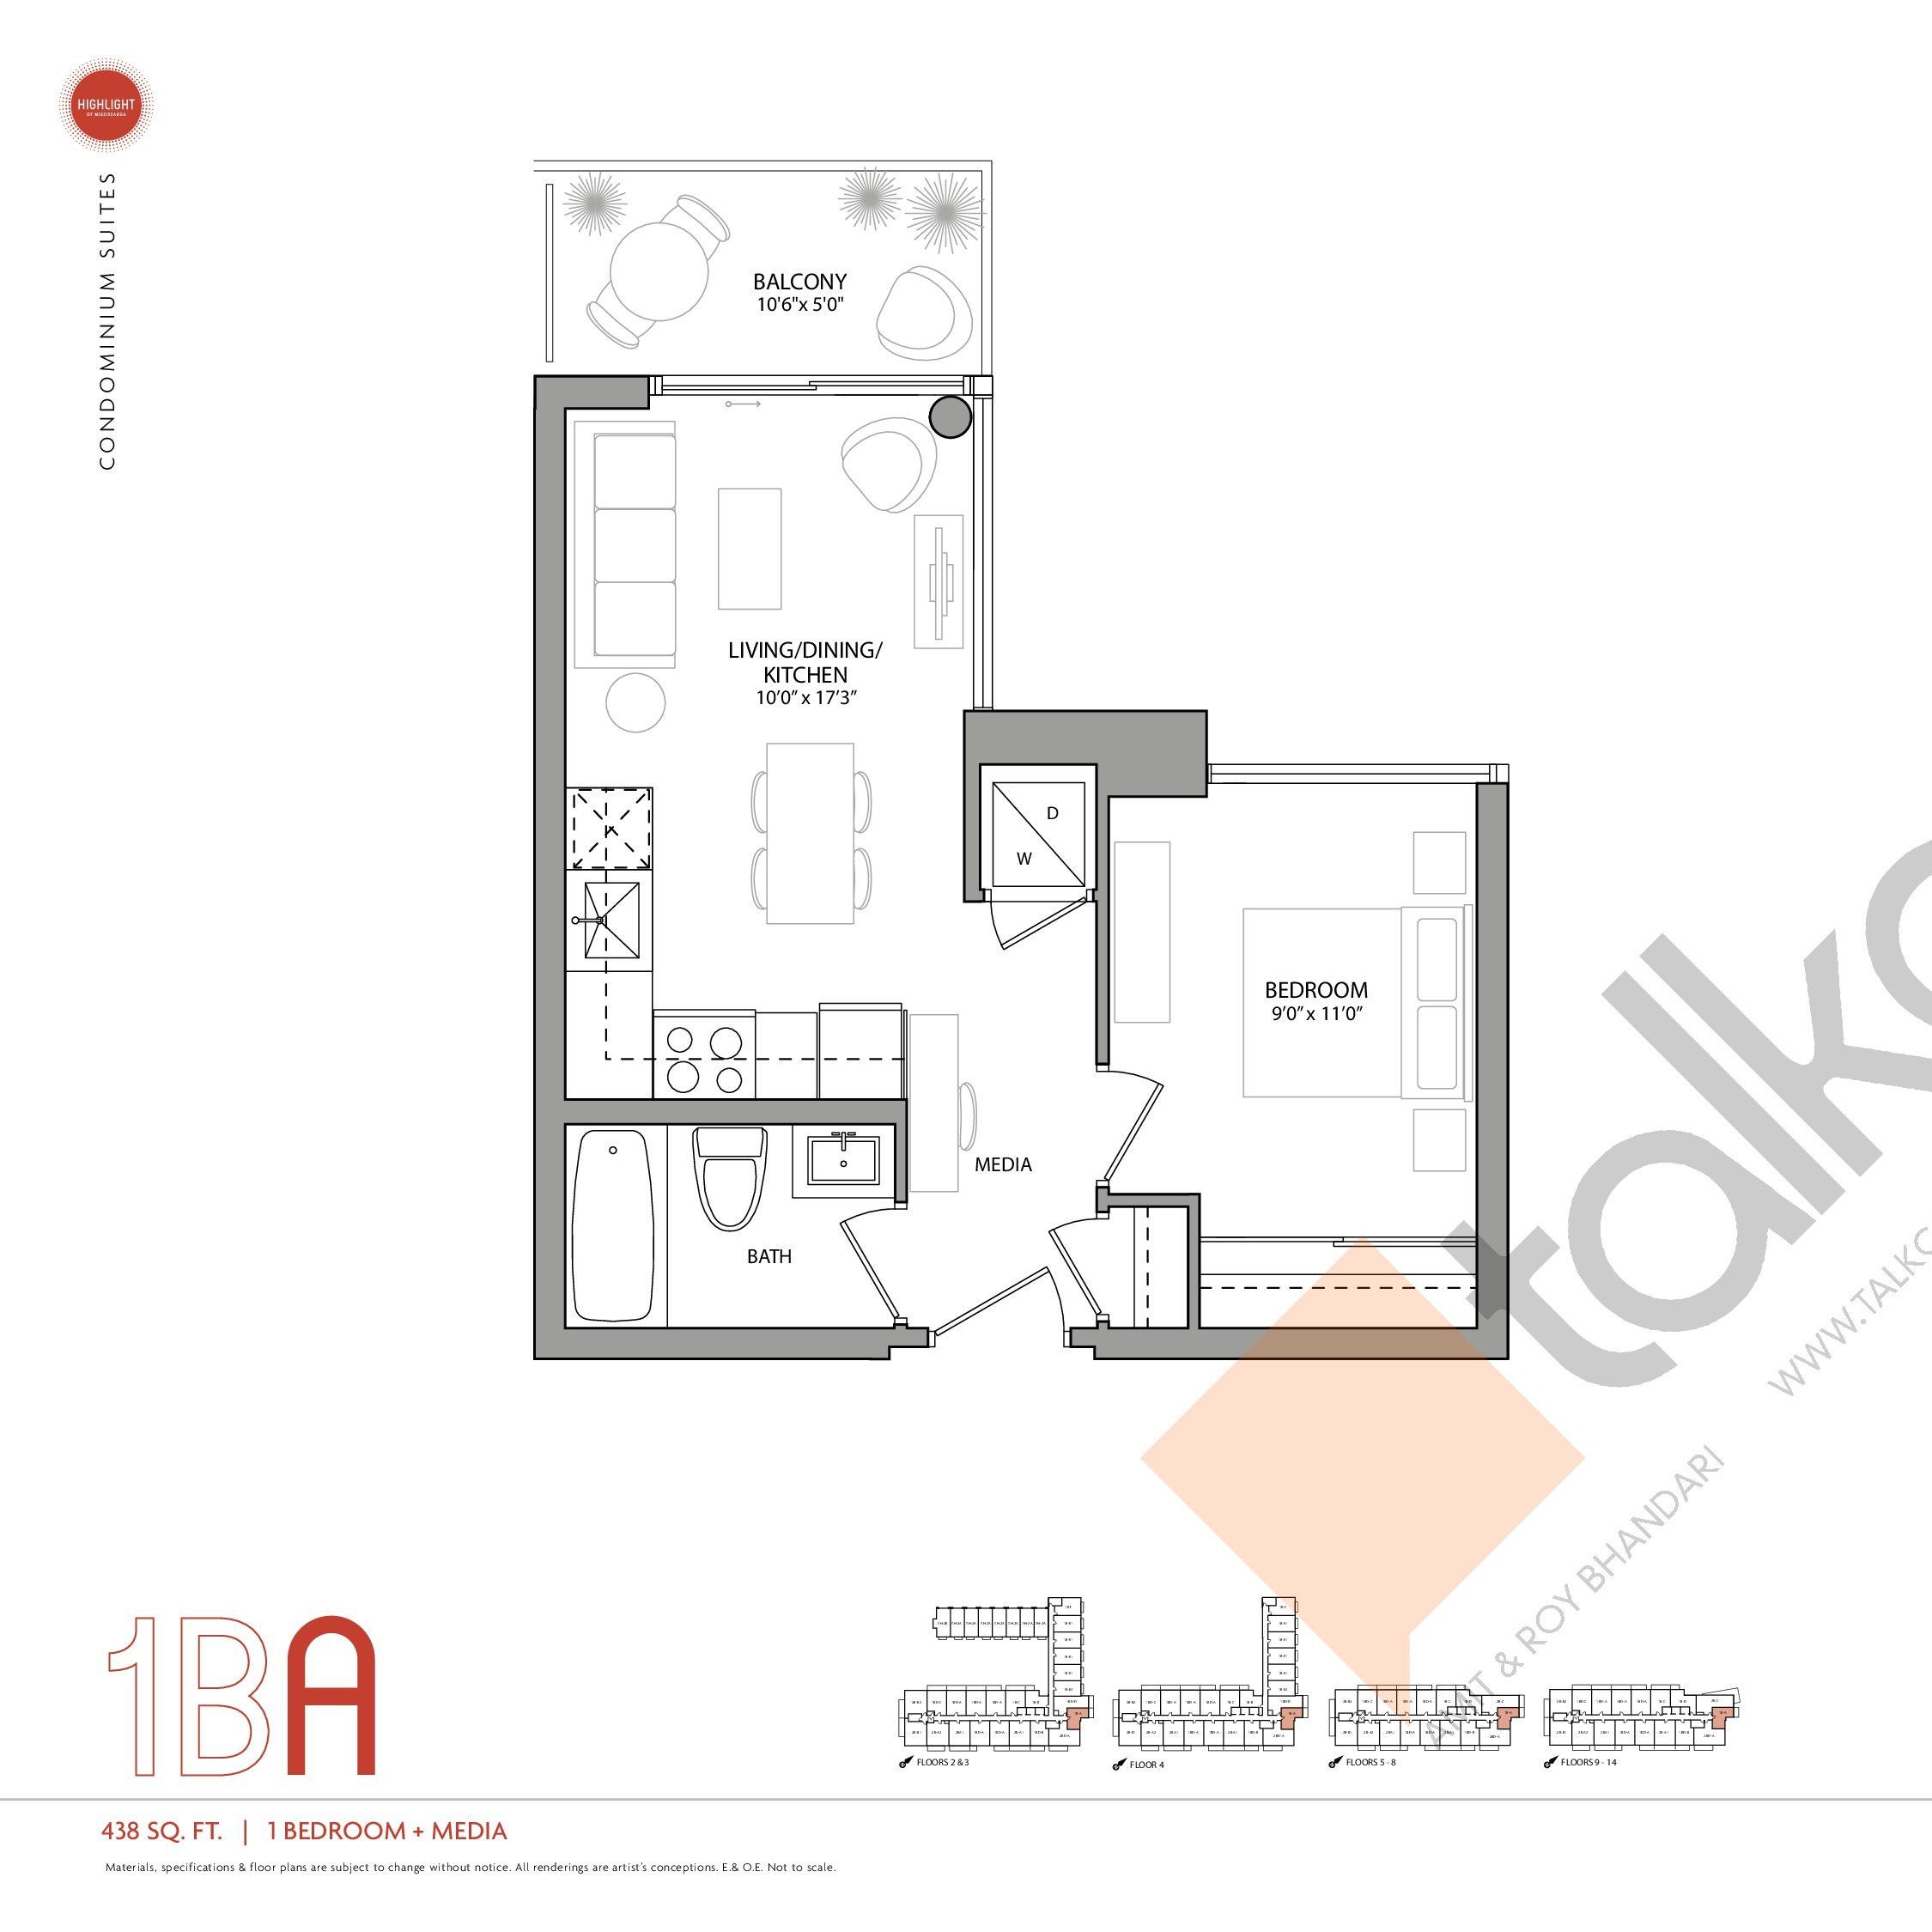 1BA Floor Plan at Highlight Condos and Towns - 438 sq.ft